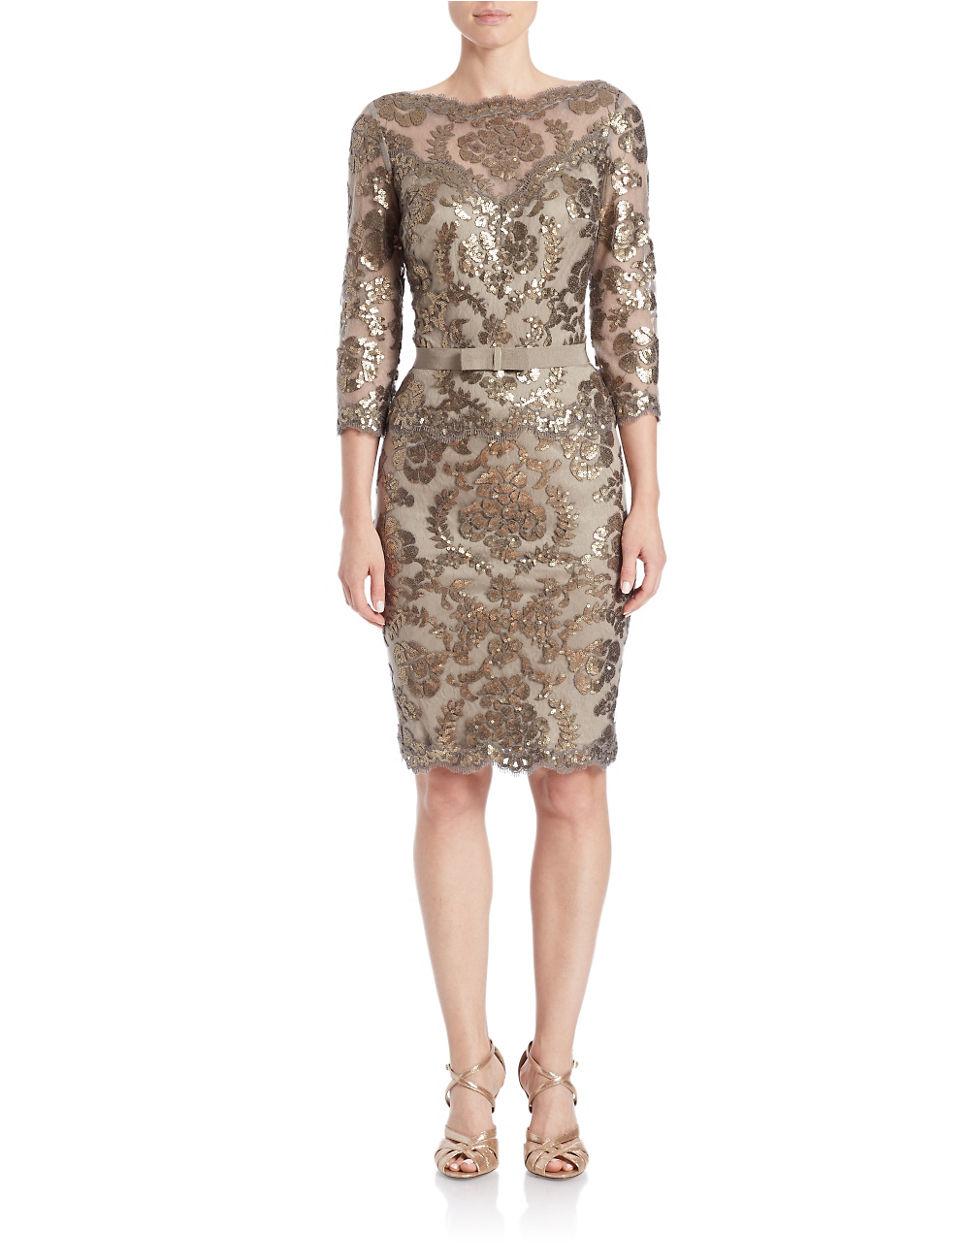 Tadashi Shoji Sequin Sheath Dress In Gray Lyst